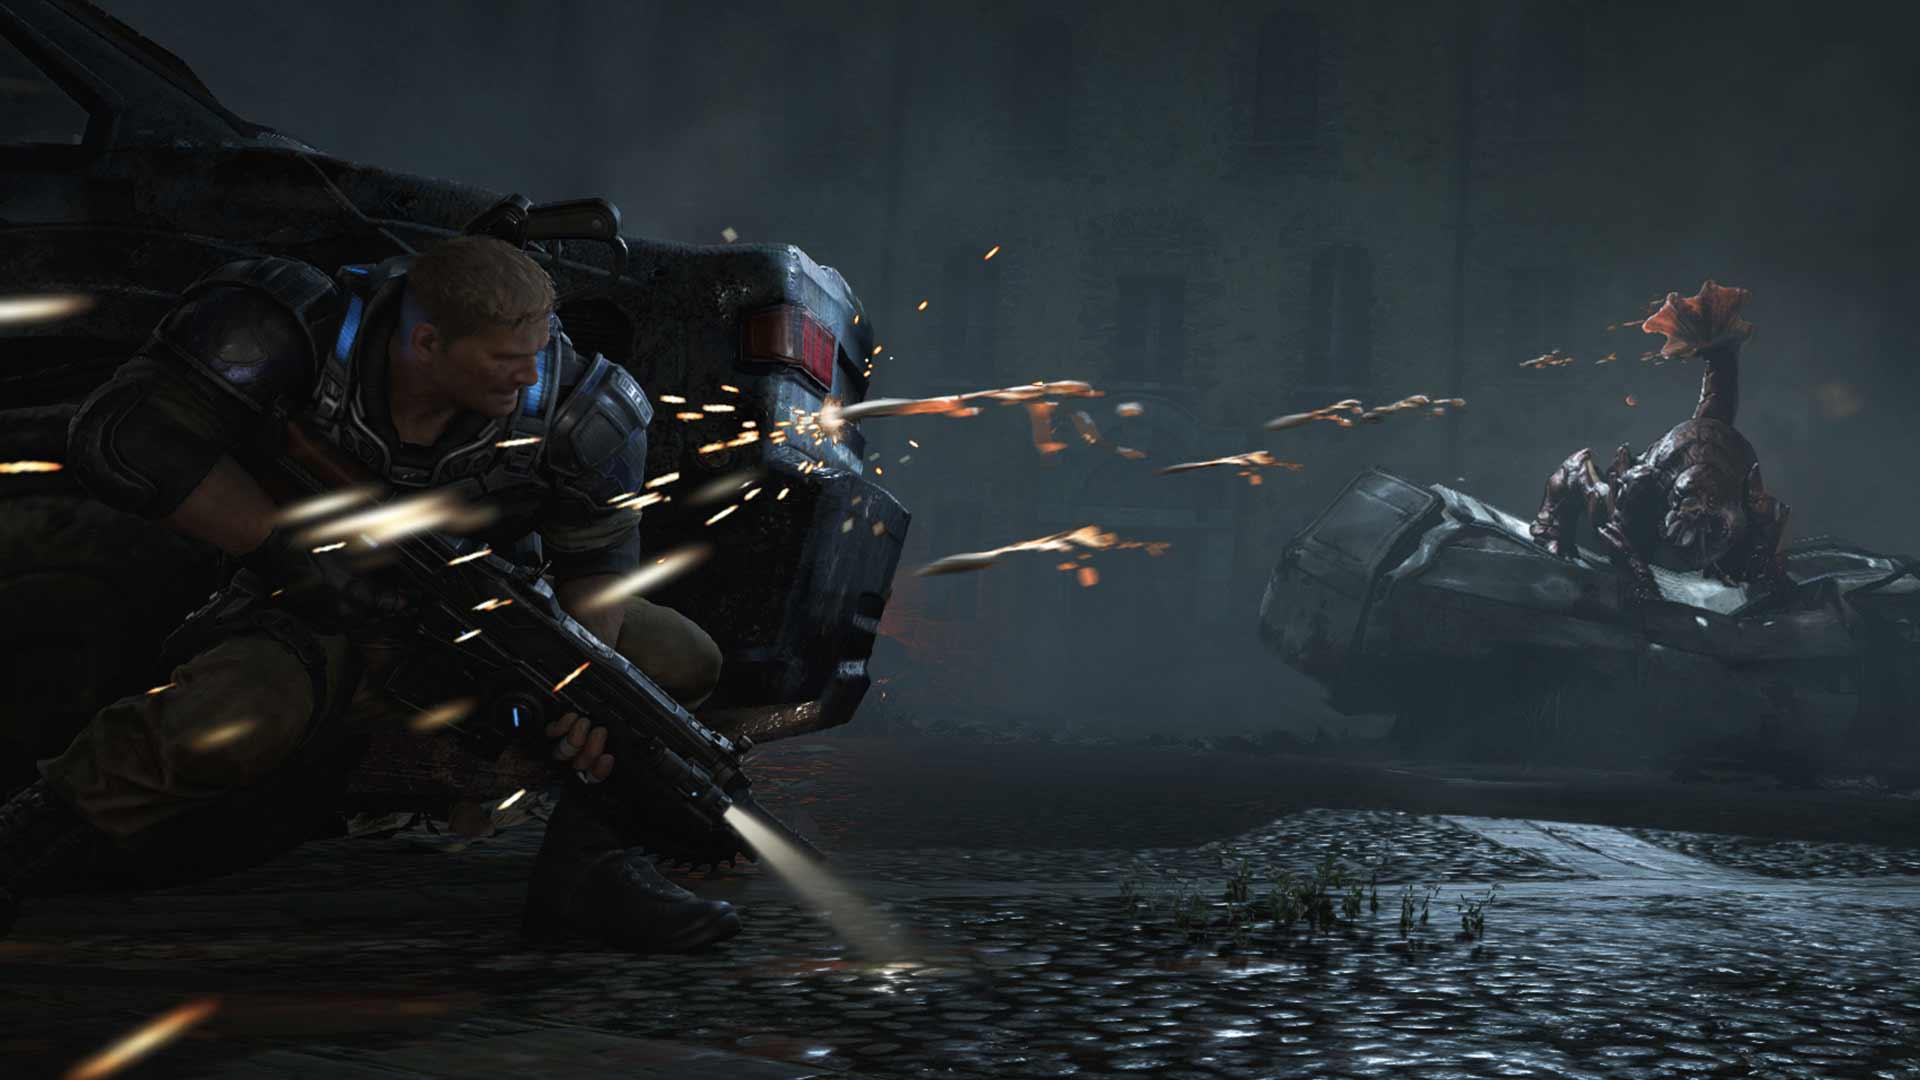 Gears of war pc release date